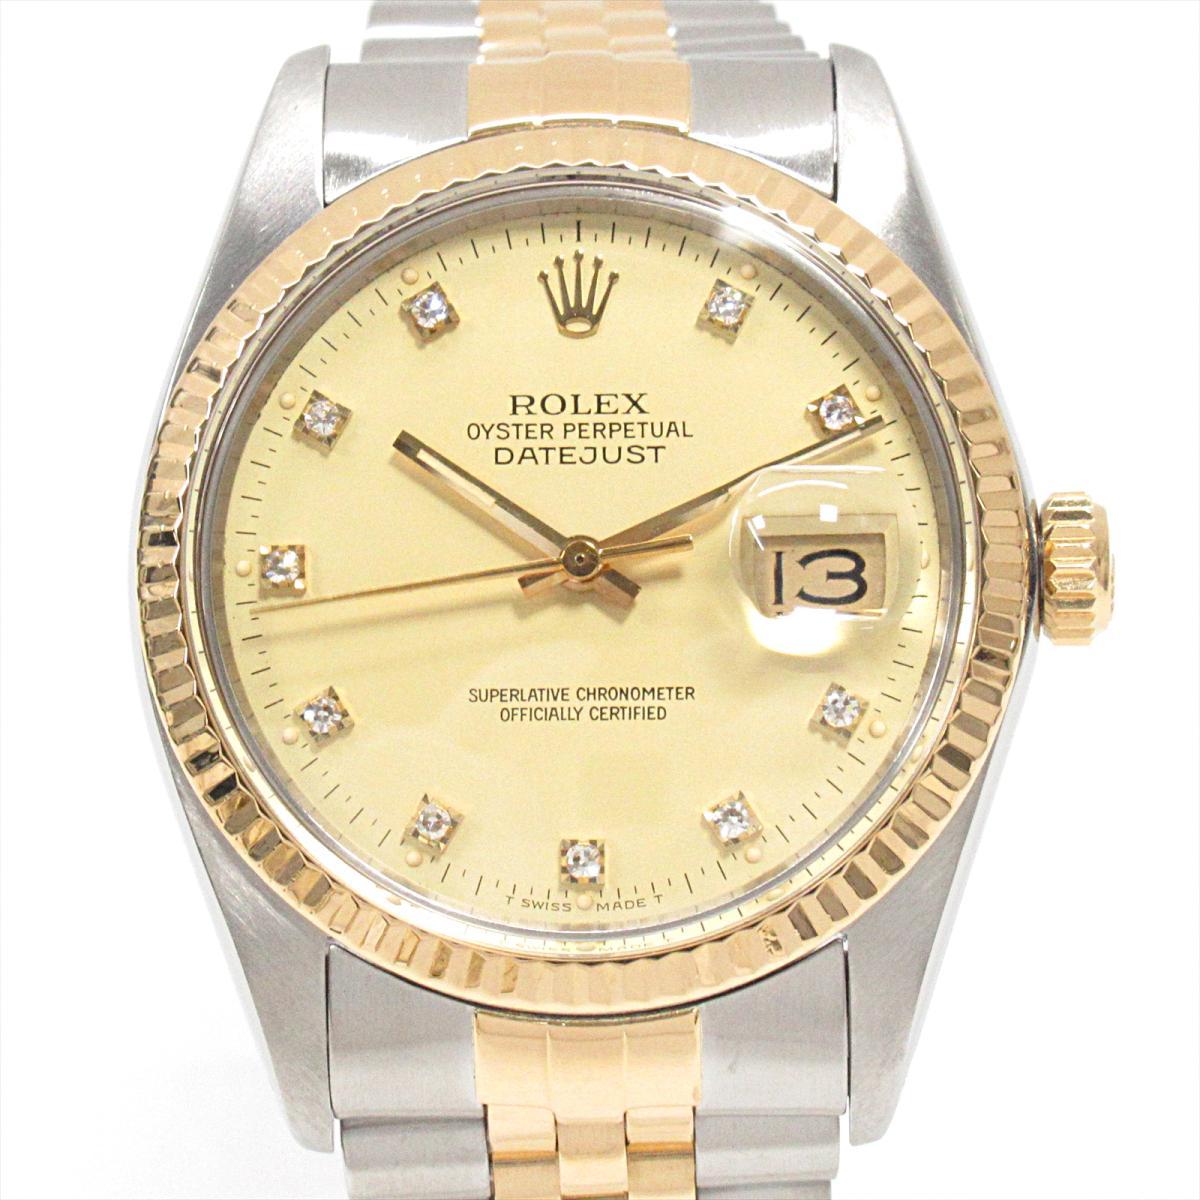 【ラッピング不可】 ロレックス ロレックス デイトジャスト 腕時計 ウォッチ (10P) 時計 メンズ ステンレススチール (SS) x ステンレススチール K18YG (イエローゴールド) ダイヤモンド (10P) (16013G)【】, 薬草の森はくすい堂:1b5c36f6 --- baecker-innung-westfalen-sued.de